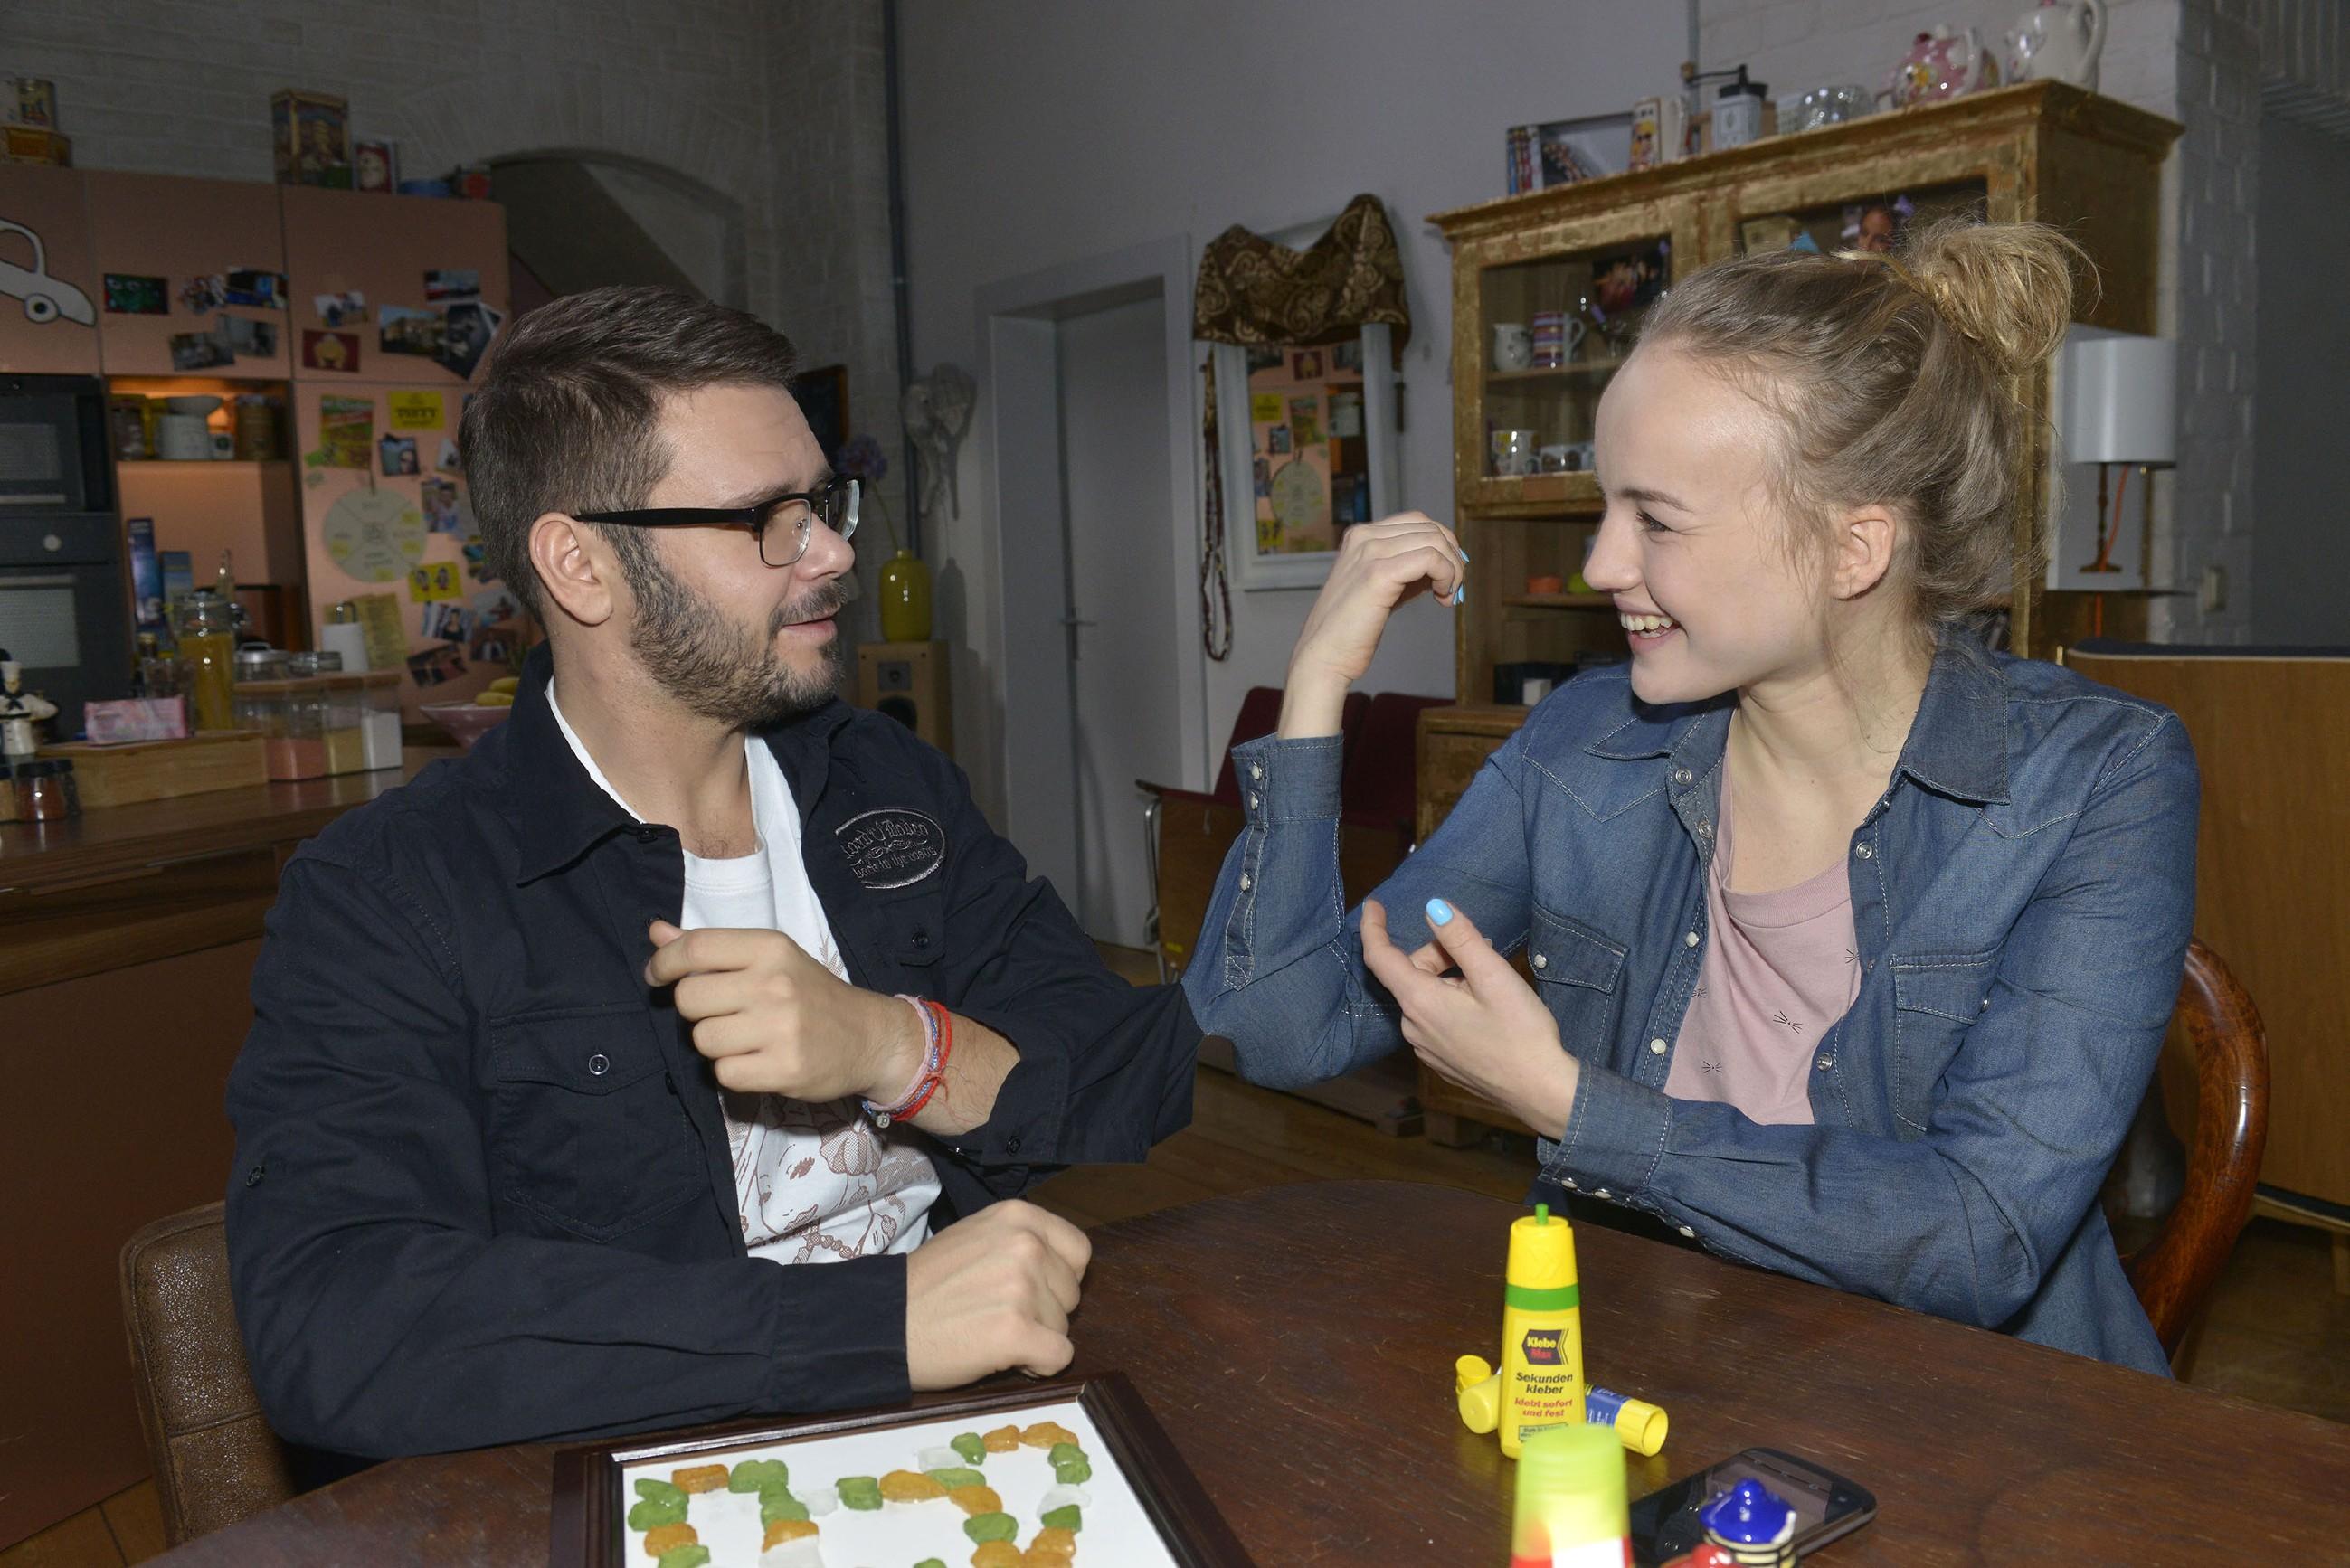 Als ausgerechnet Tuner (Thomas Drechsel) ihr bei der Reparatur des Mosaikbildes hilft, wird Jule (Luise von Finckh) bewusst, wie sehr sie Tuner vermisst... (Quelle: RTL / Rolf Baumgartner)